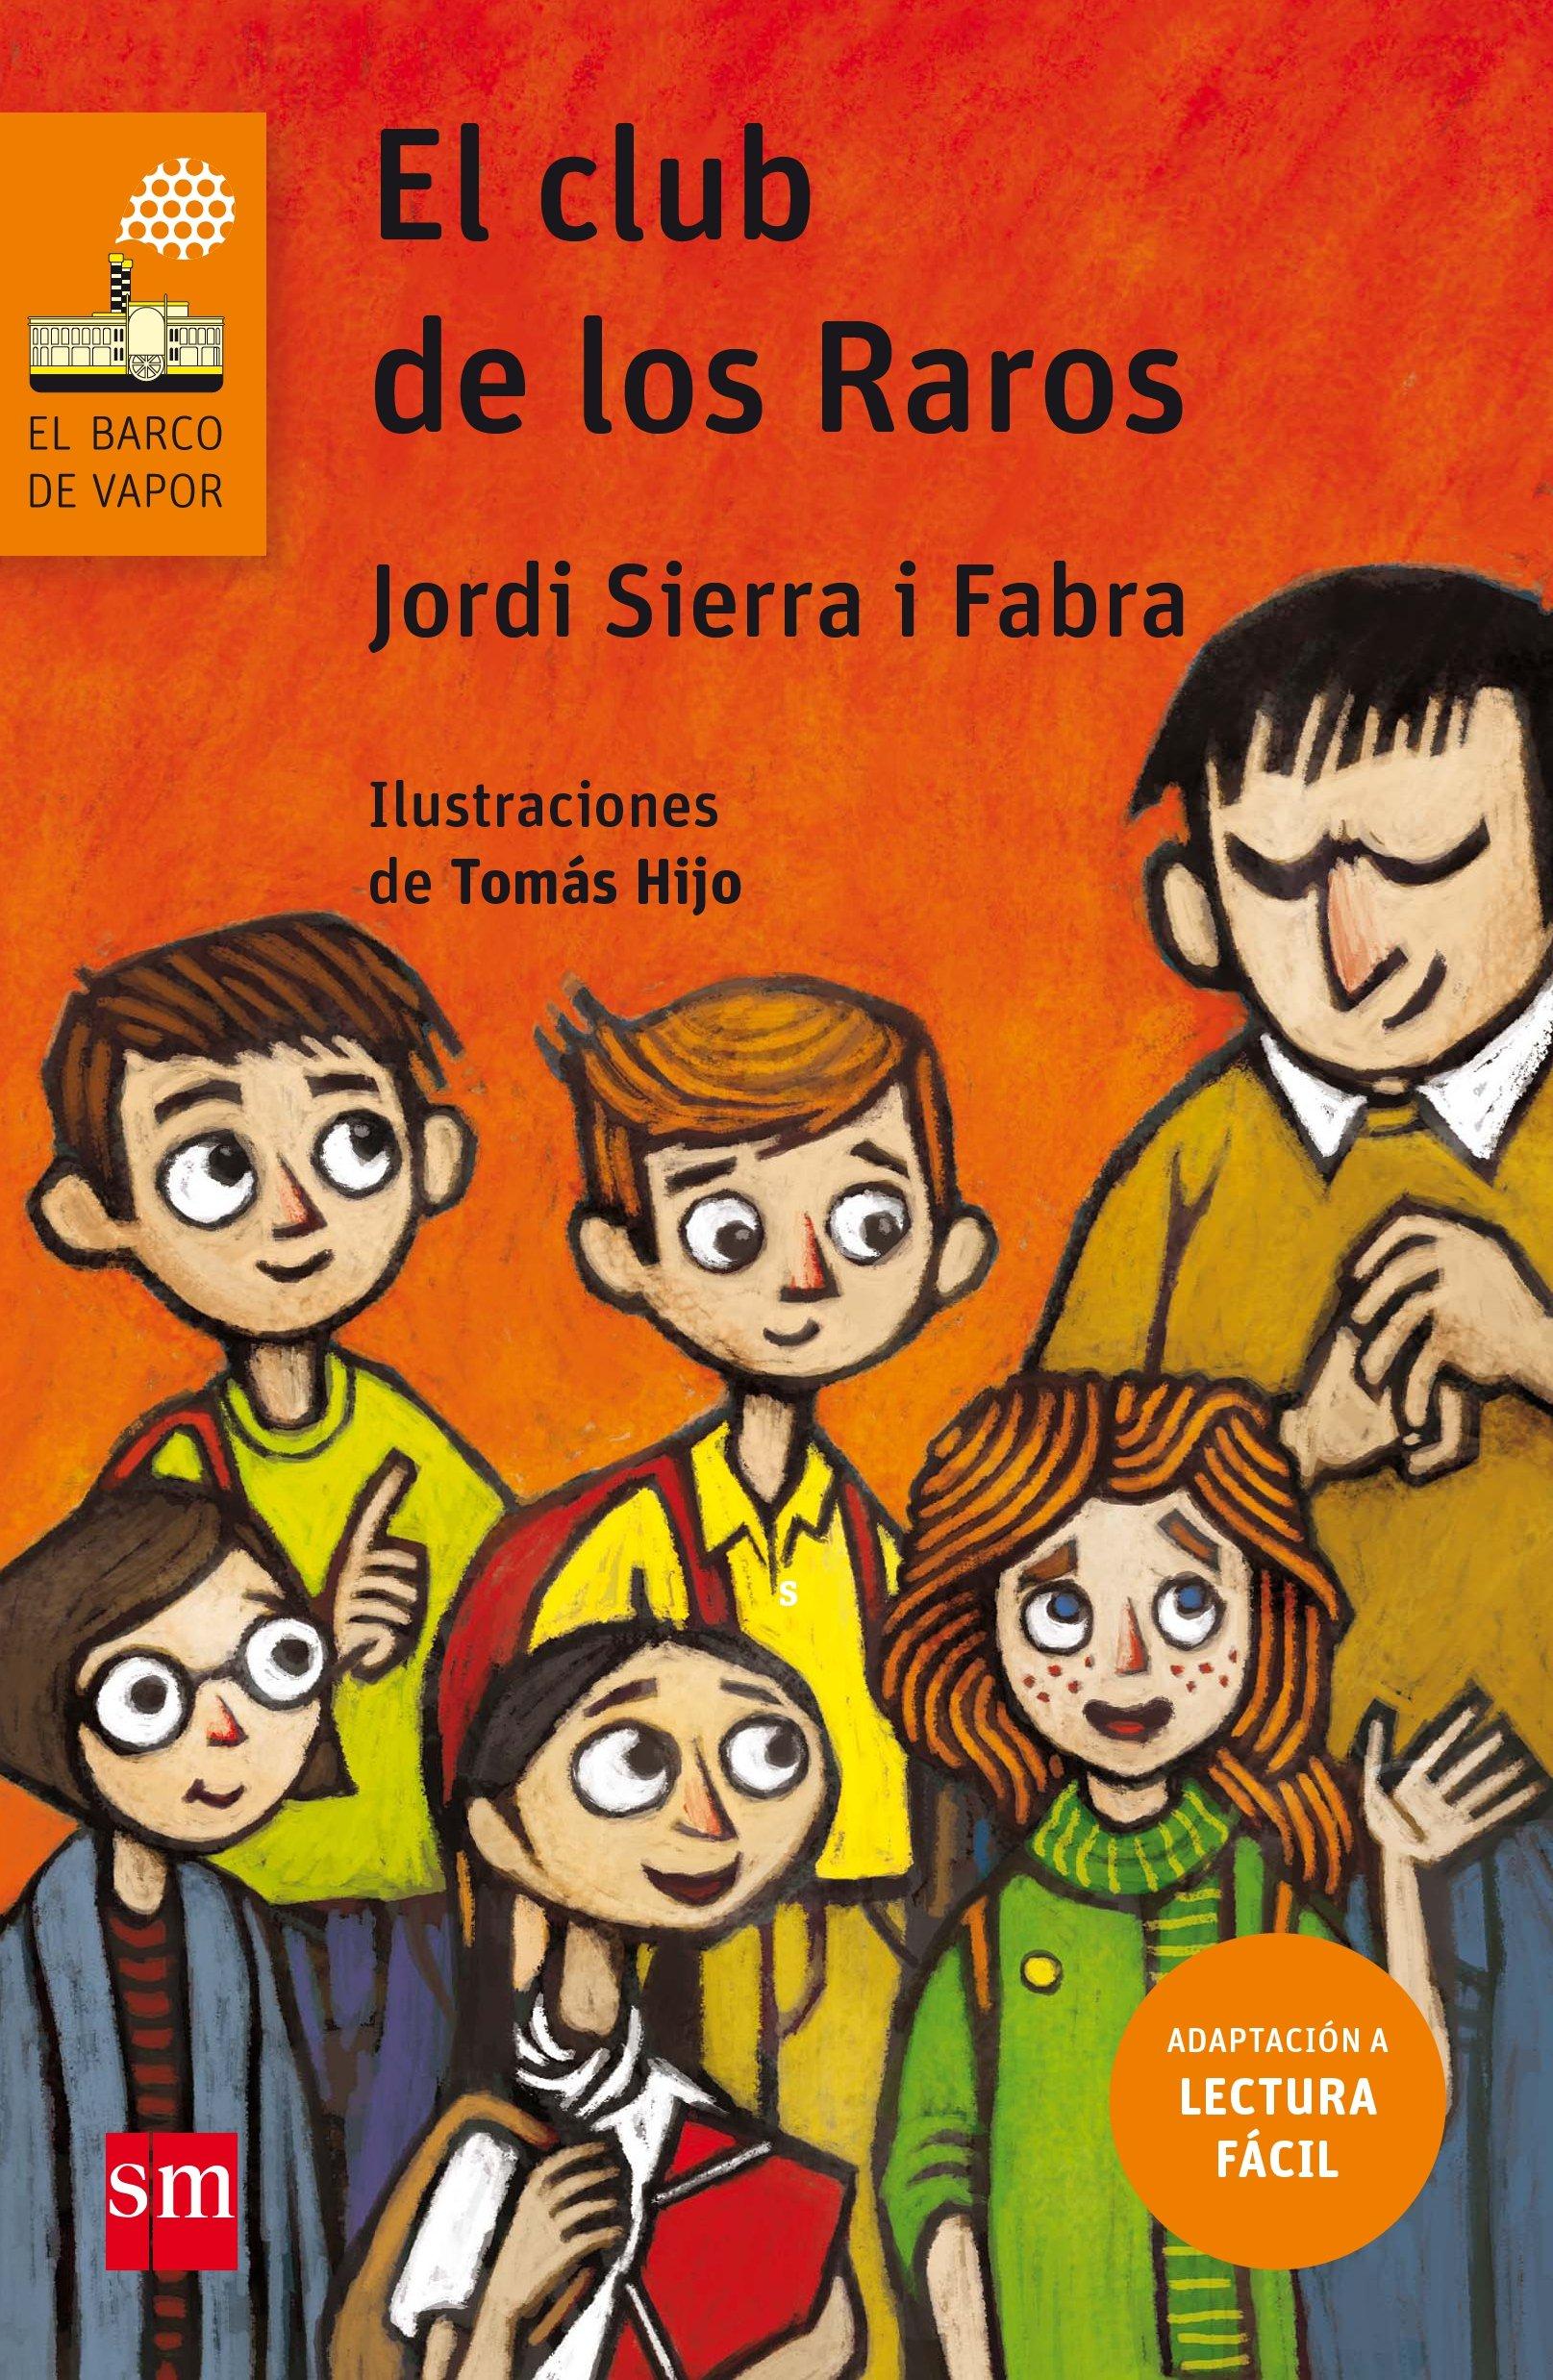 El club de los raros Lectura Fácil El Barco de Vapor Naranja: Amazon.es:  Jordi Sierra i Fabra, Tomás Hijo: Libros